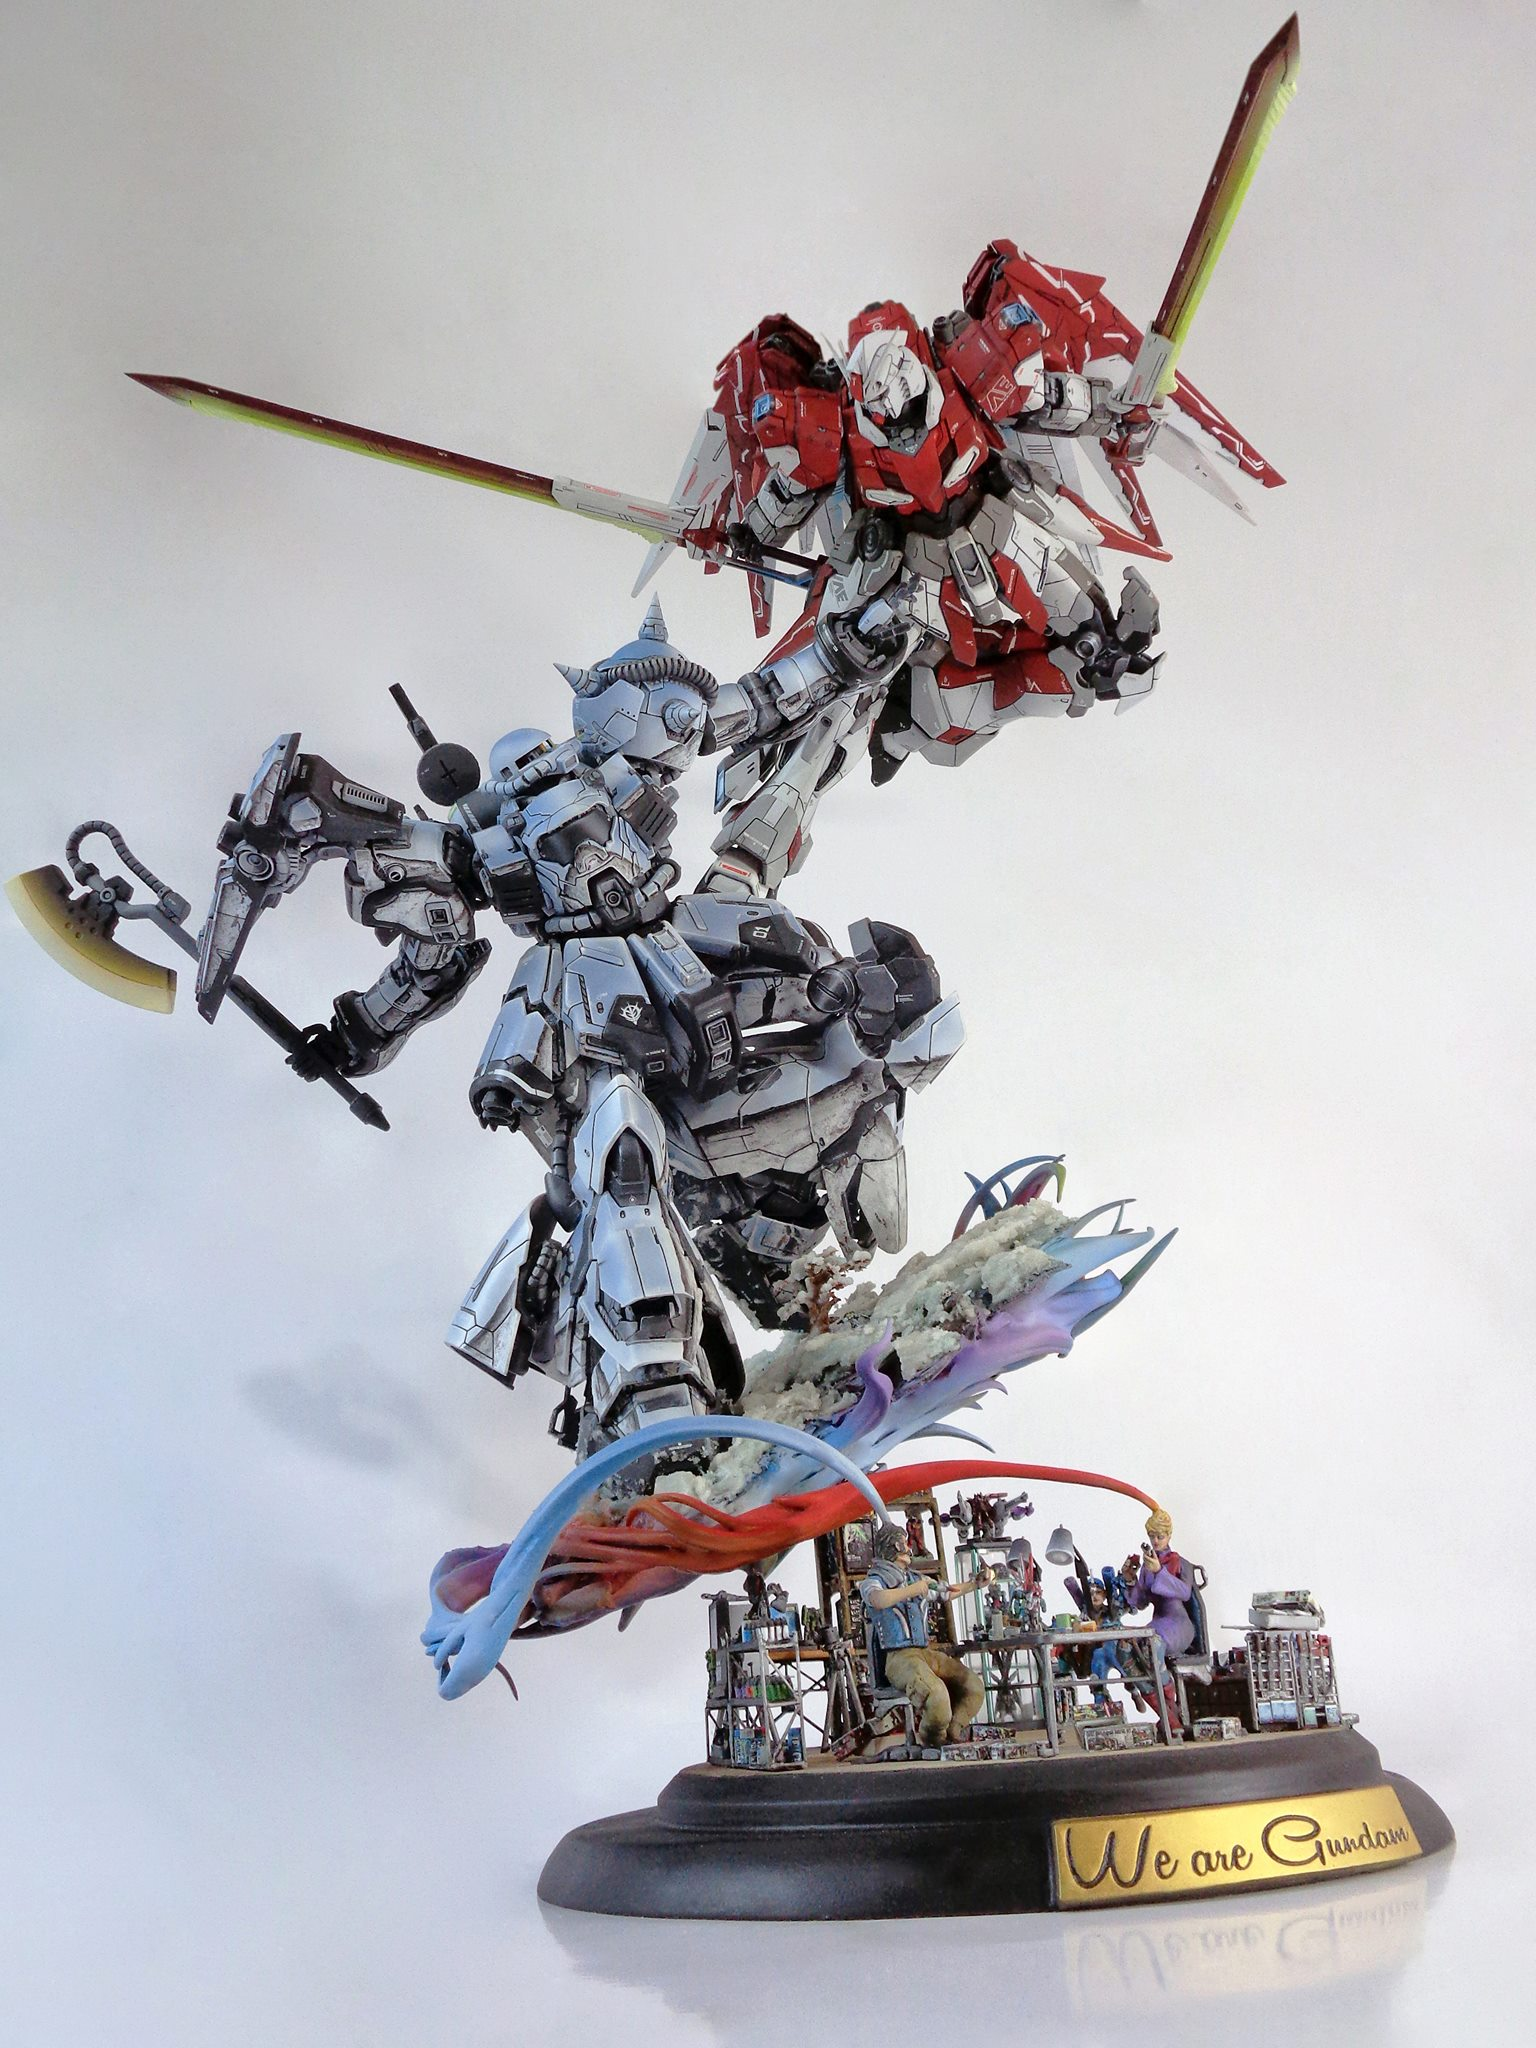 Win's GBWC Diorama